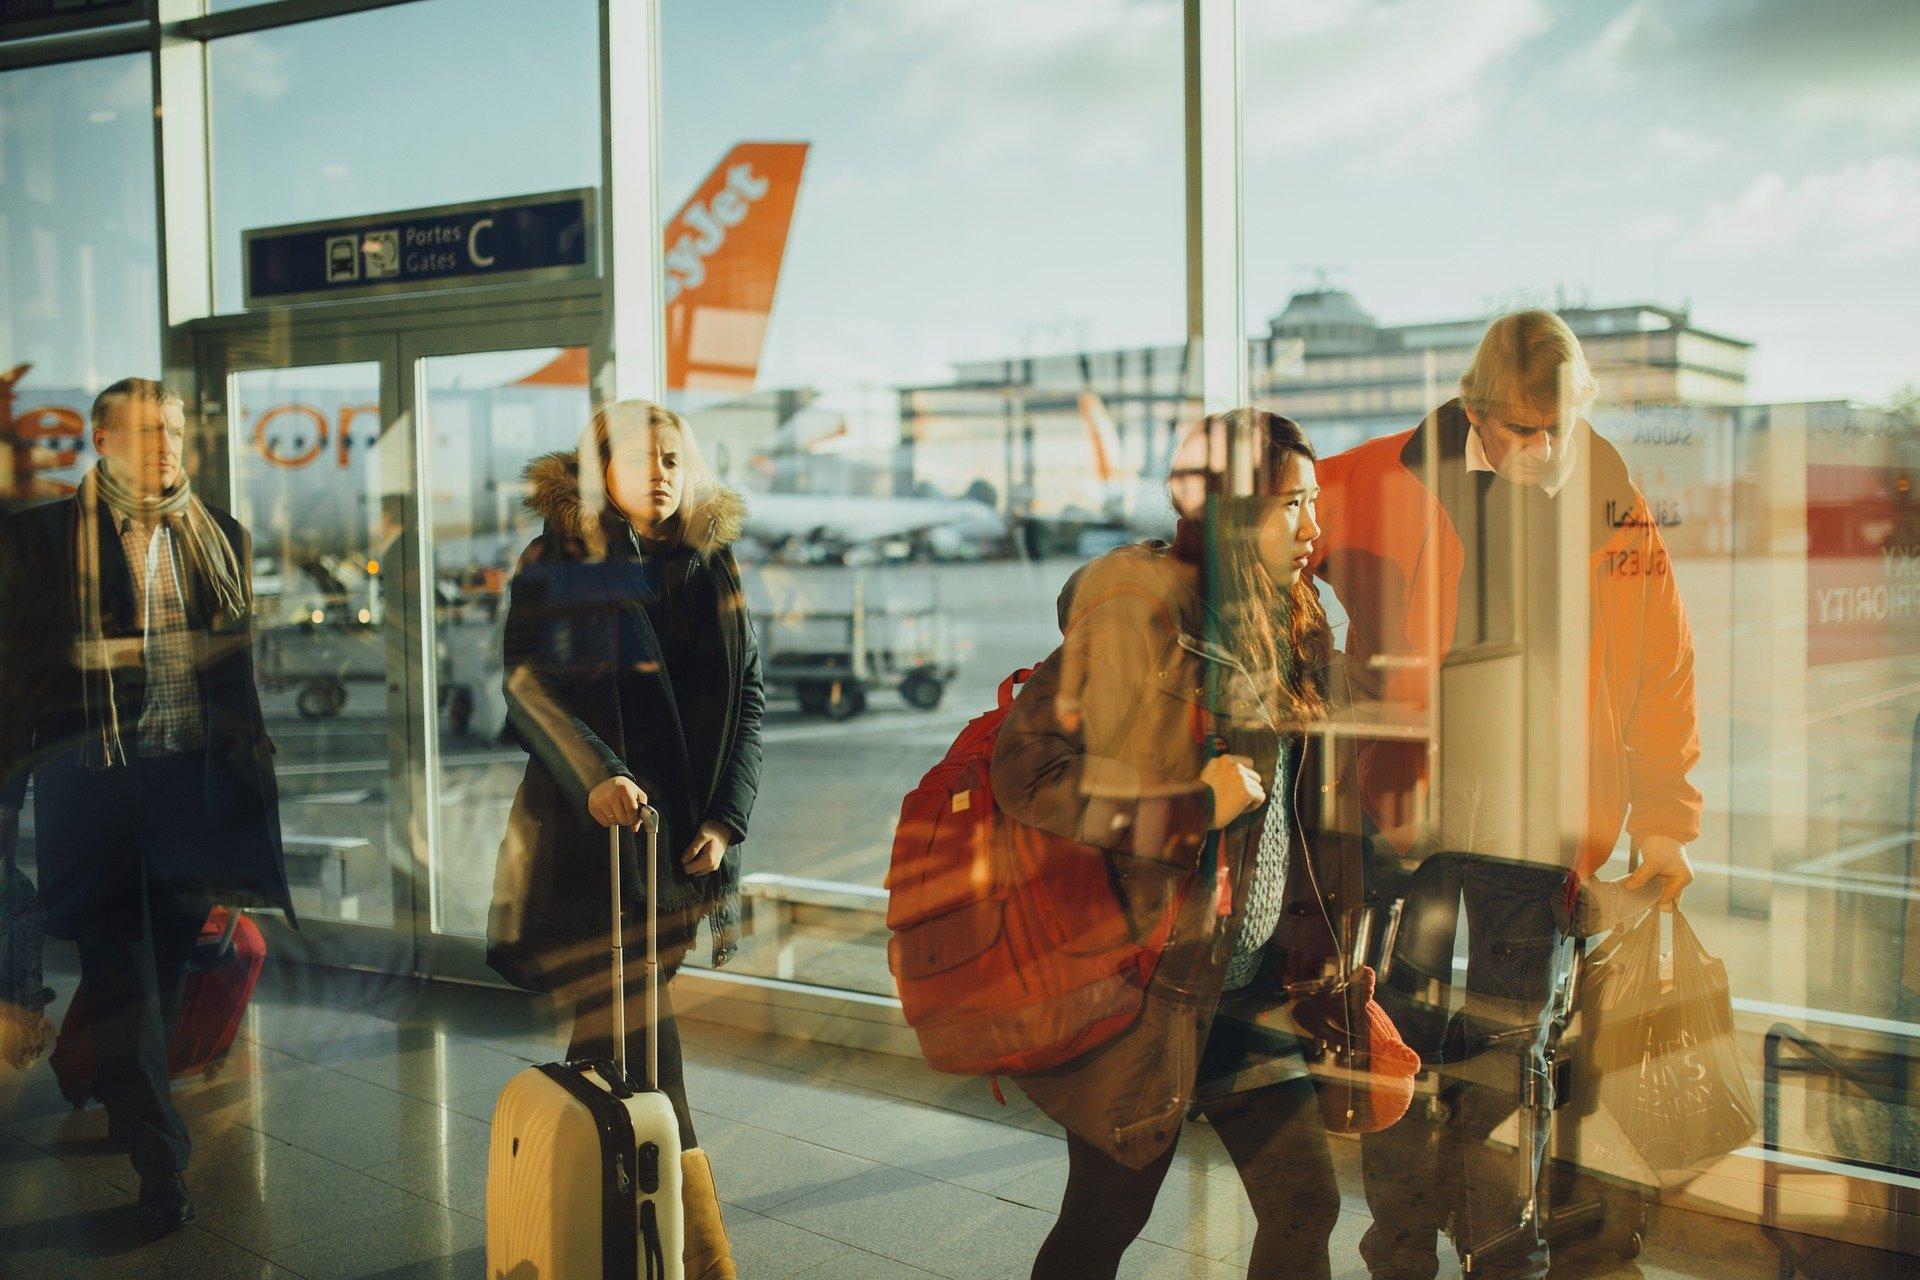 Sicherheitsleck Flughafen: Hustende Urlauber reisen ohne Quarantäne ein